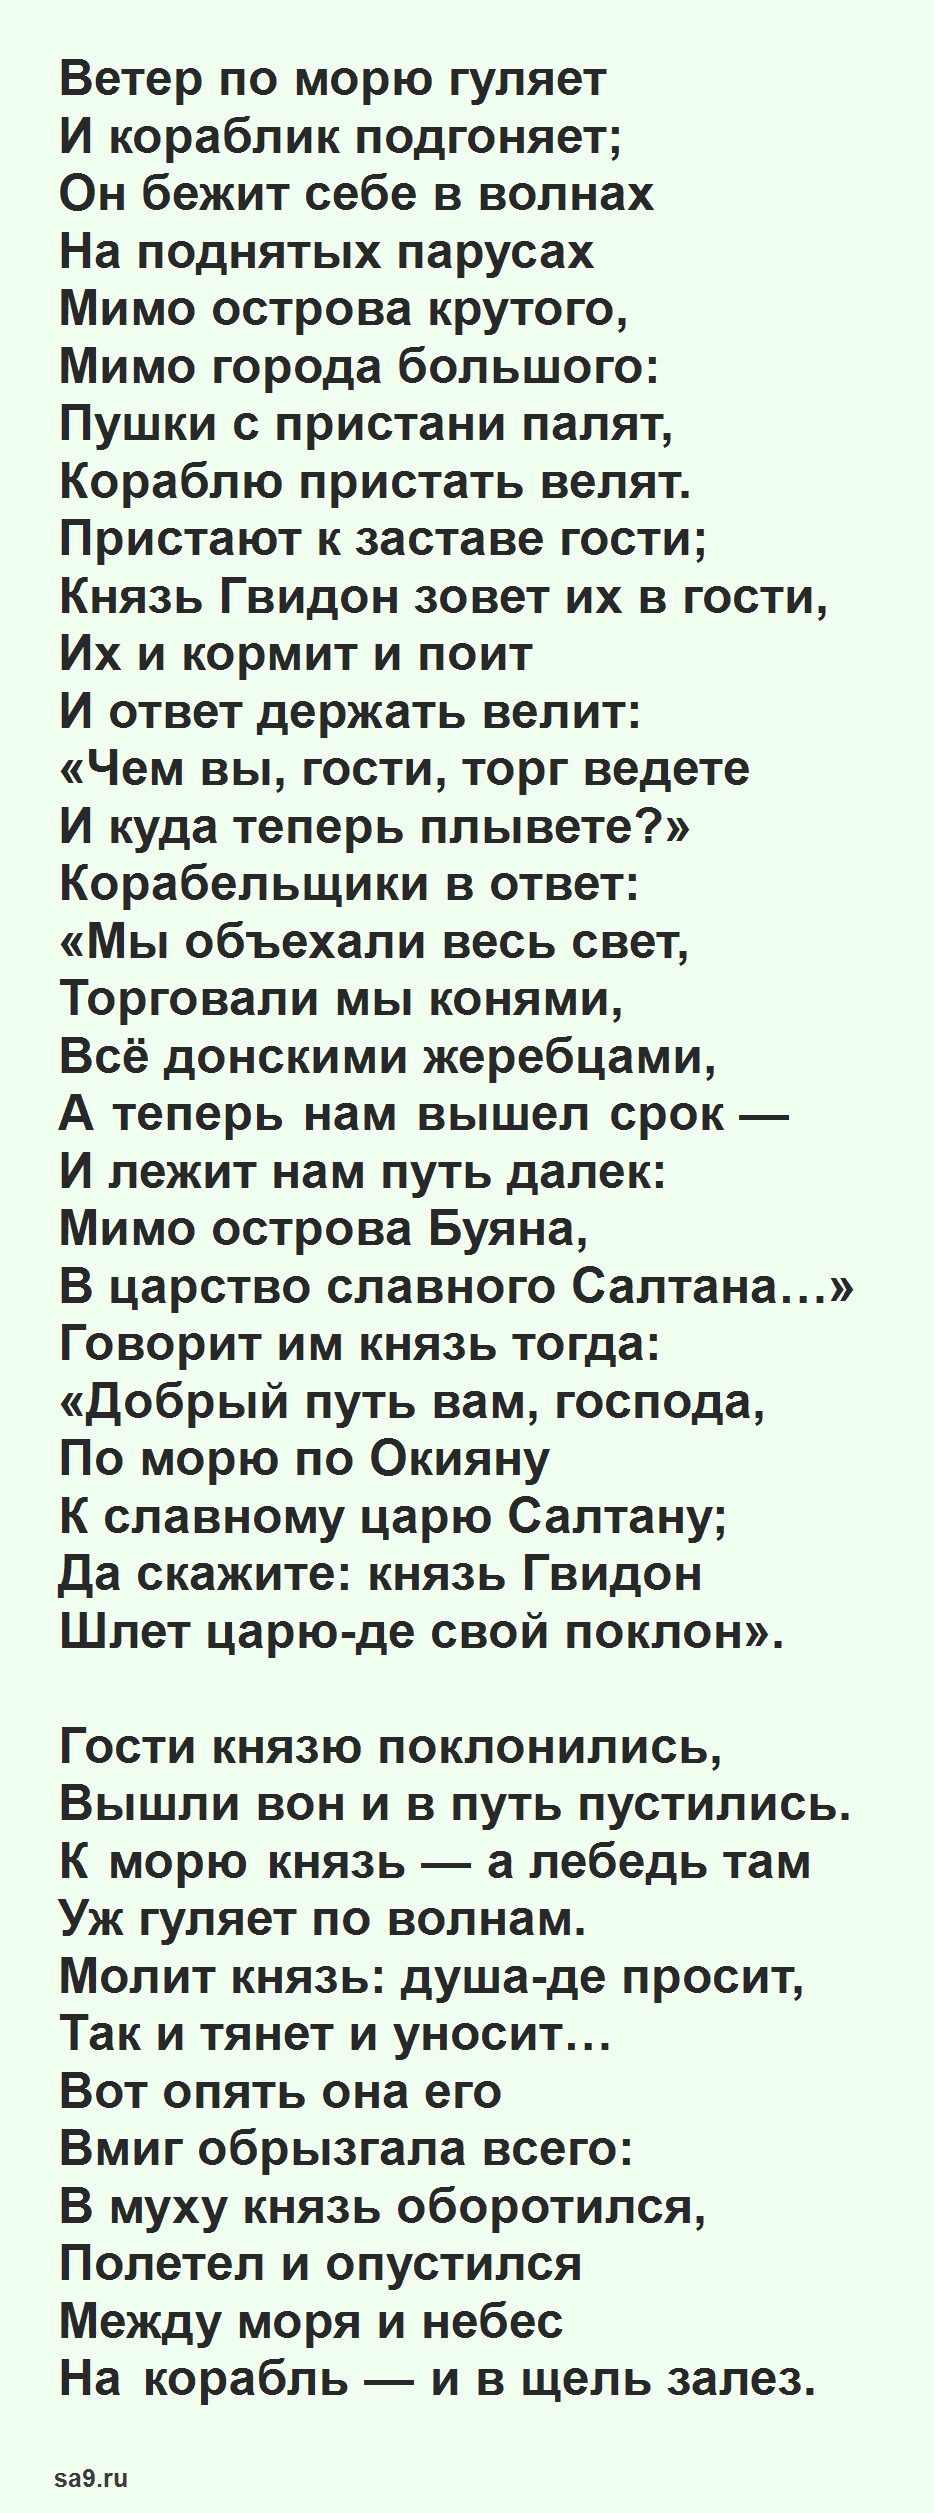 Читаем сказку  'О царе Салтане', Пушкин